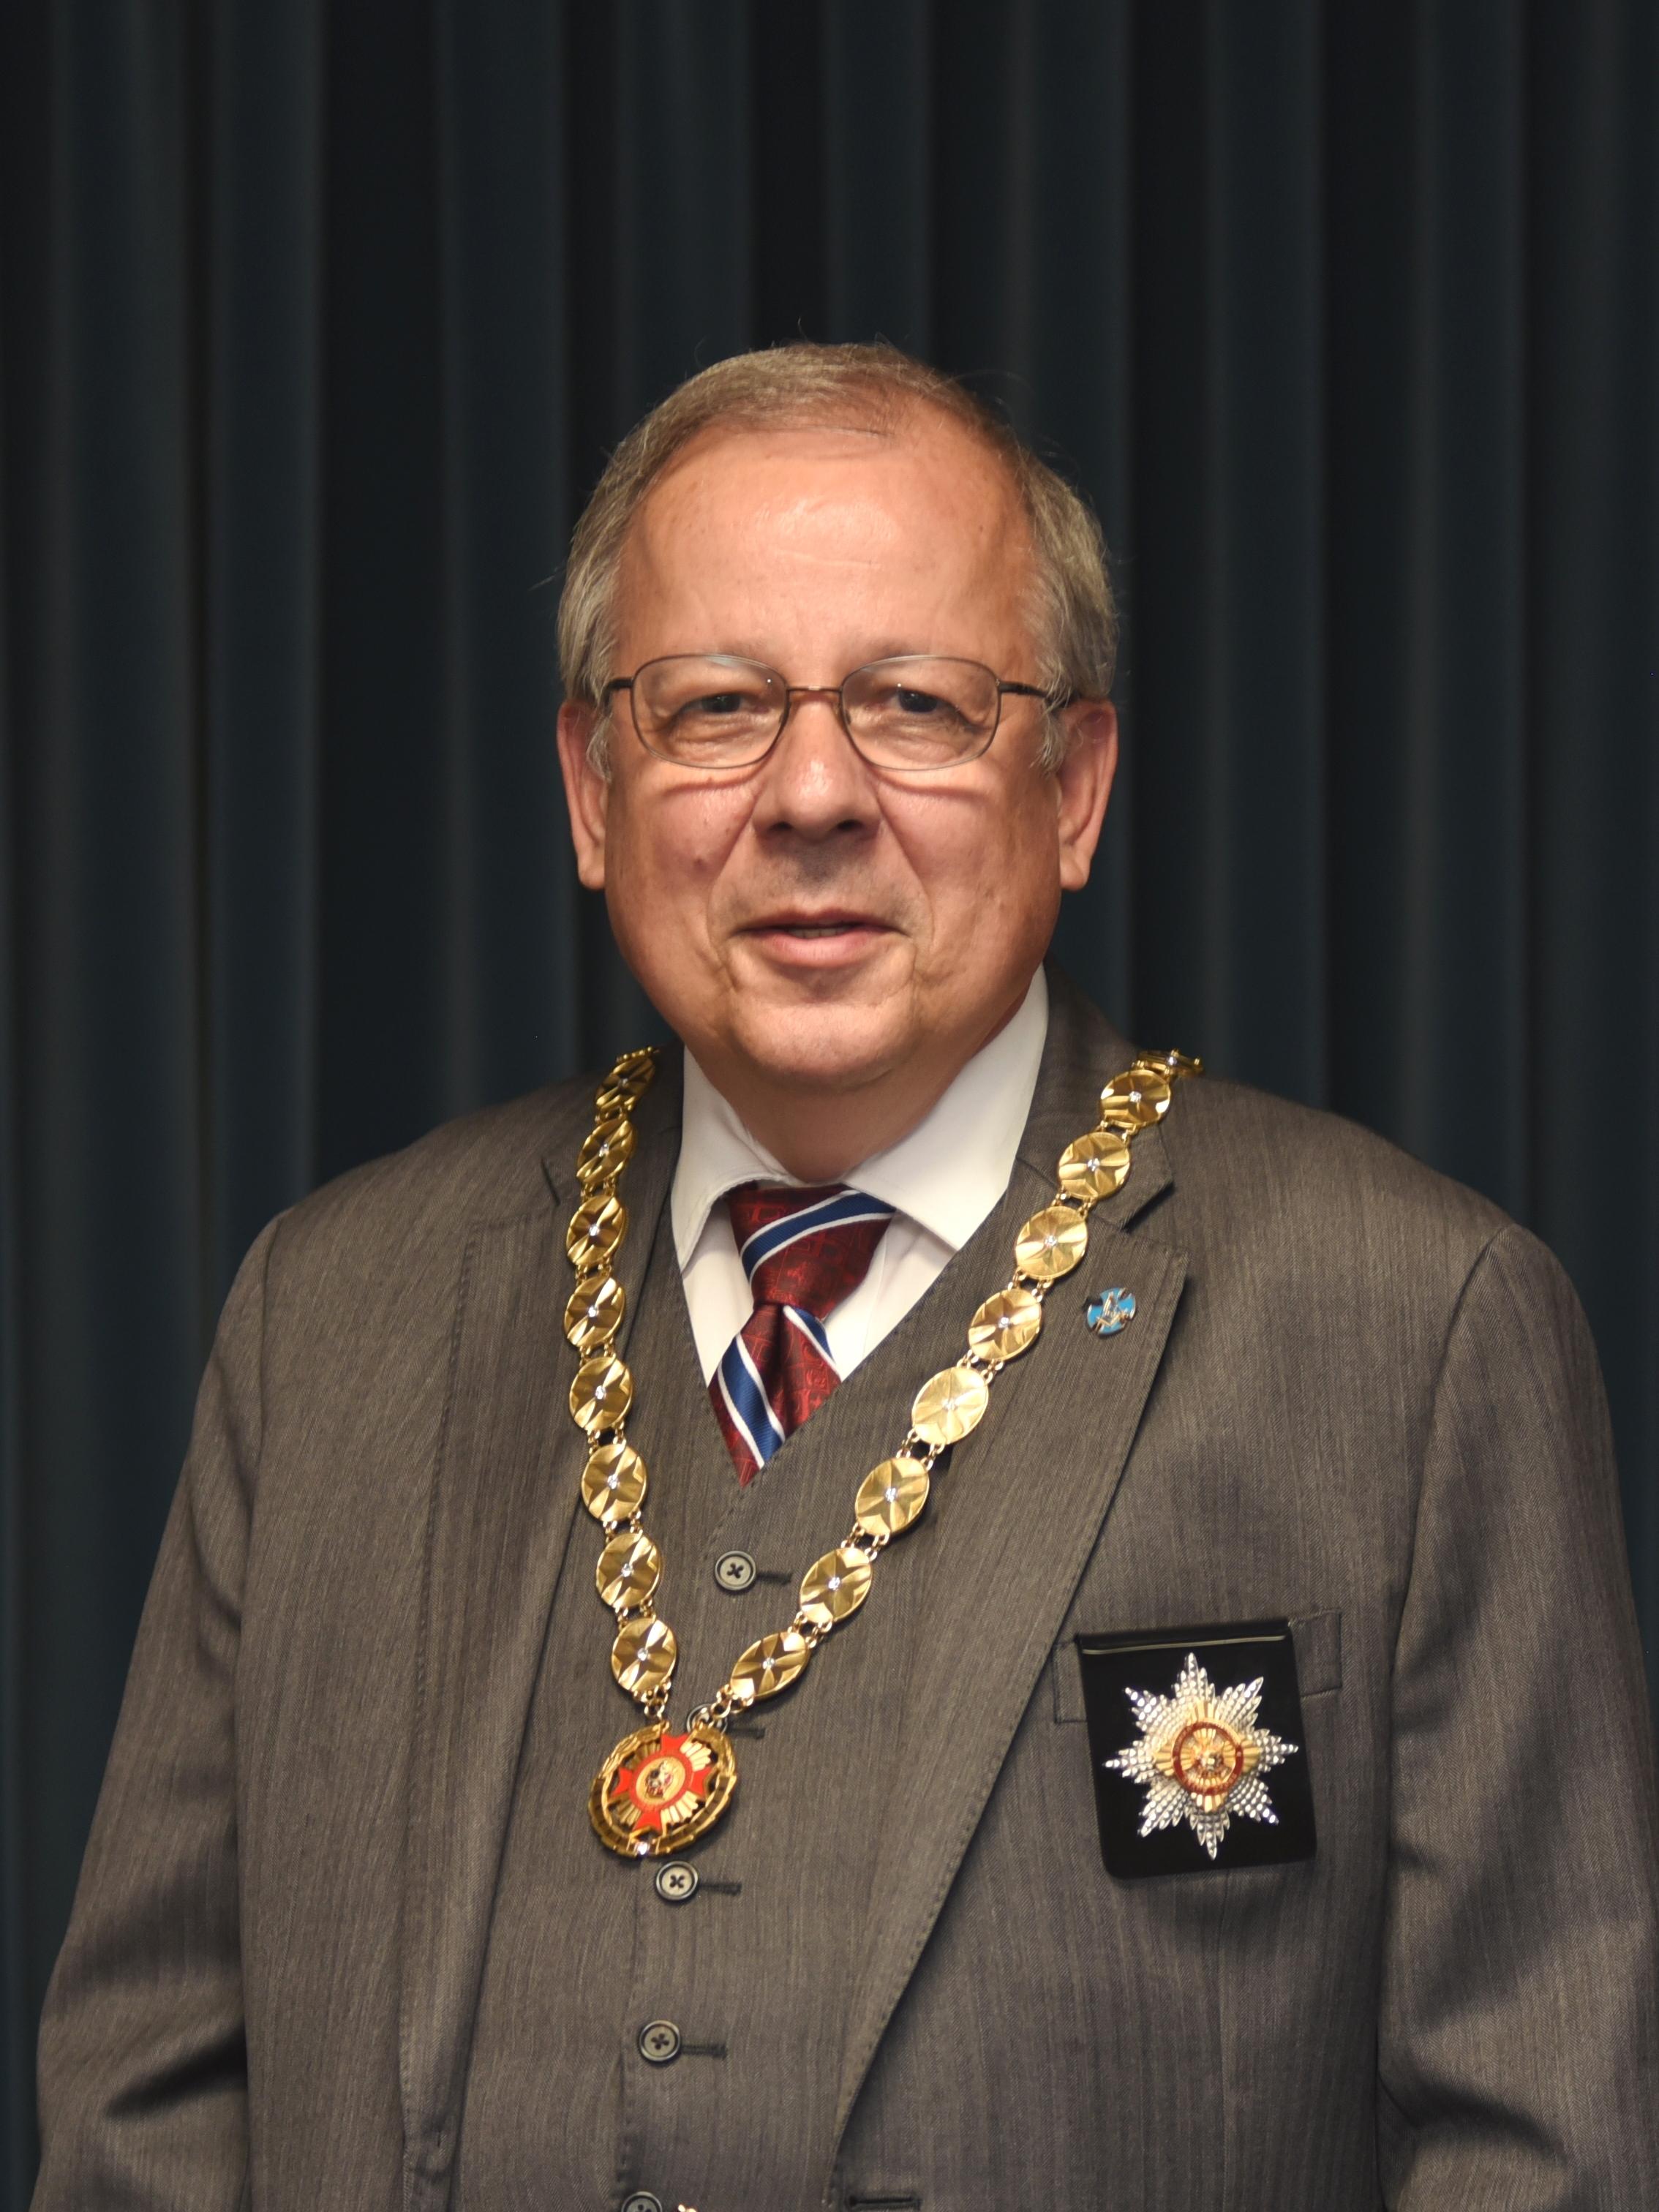 M. Boyd Patterson, Jr. , GC